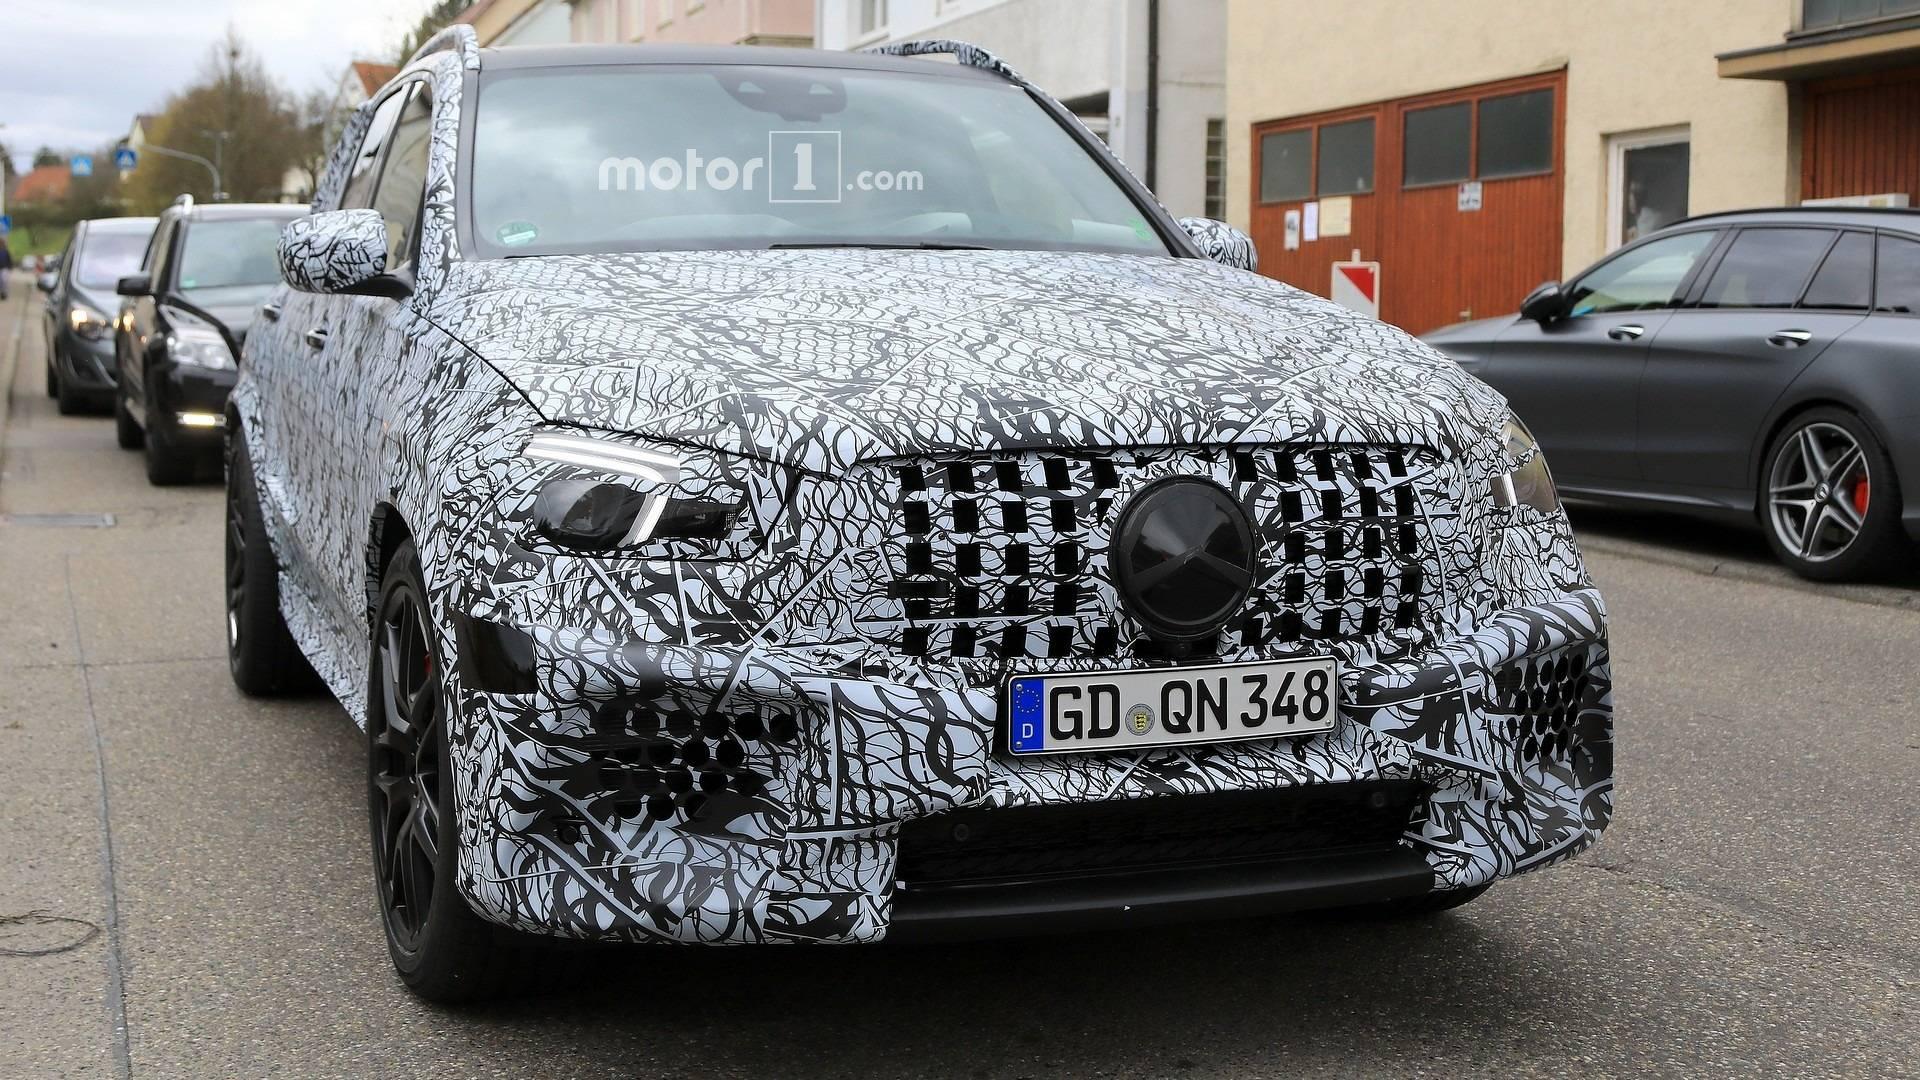 2018 - [Mercedes] GLE II ( ML IV ) - Page 3 2020-mercedes-amg-gle63-spy-photo